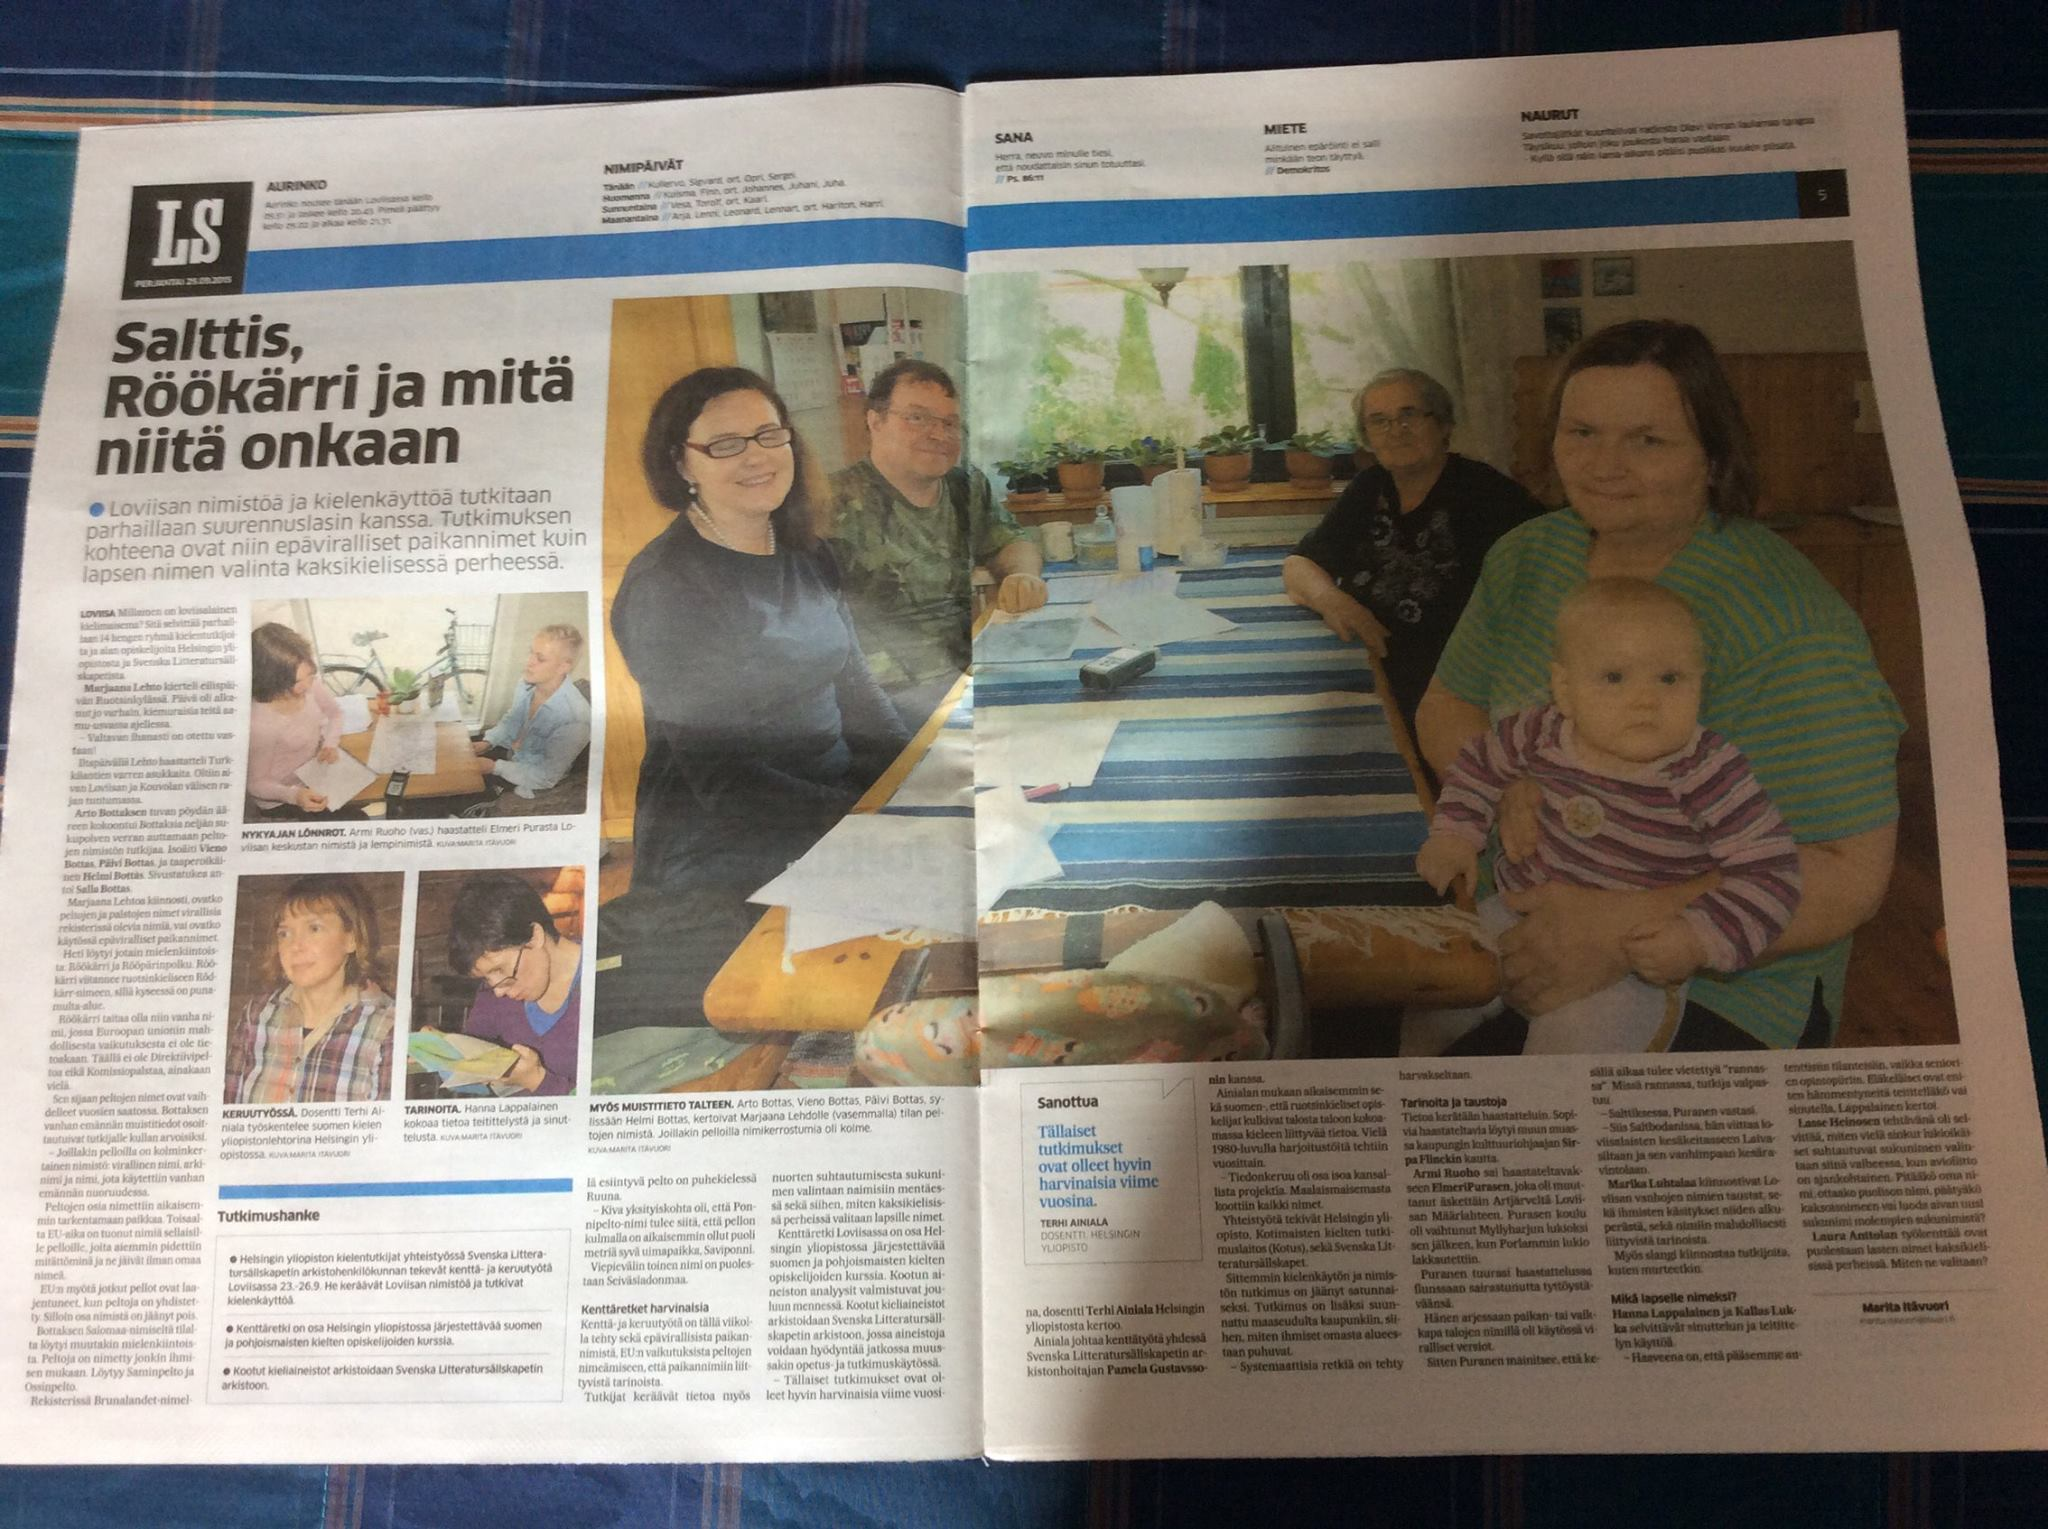 Tutkimuksemme sai julkisuutta lehdissä. Tässä Loviisan Sanomat.